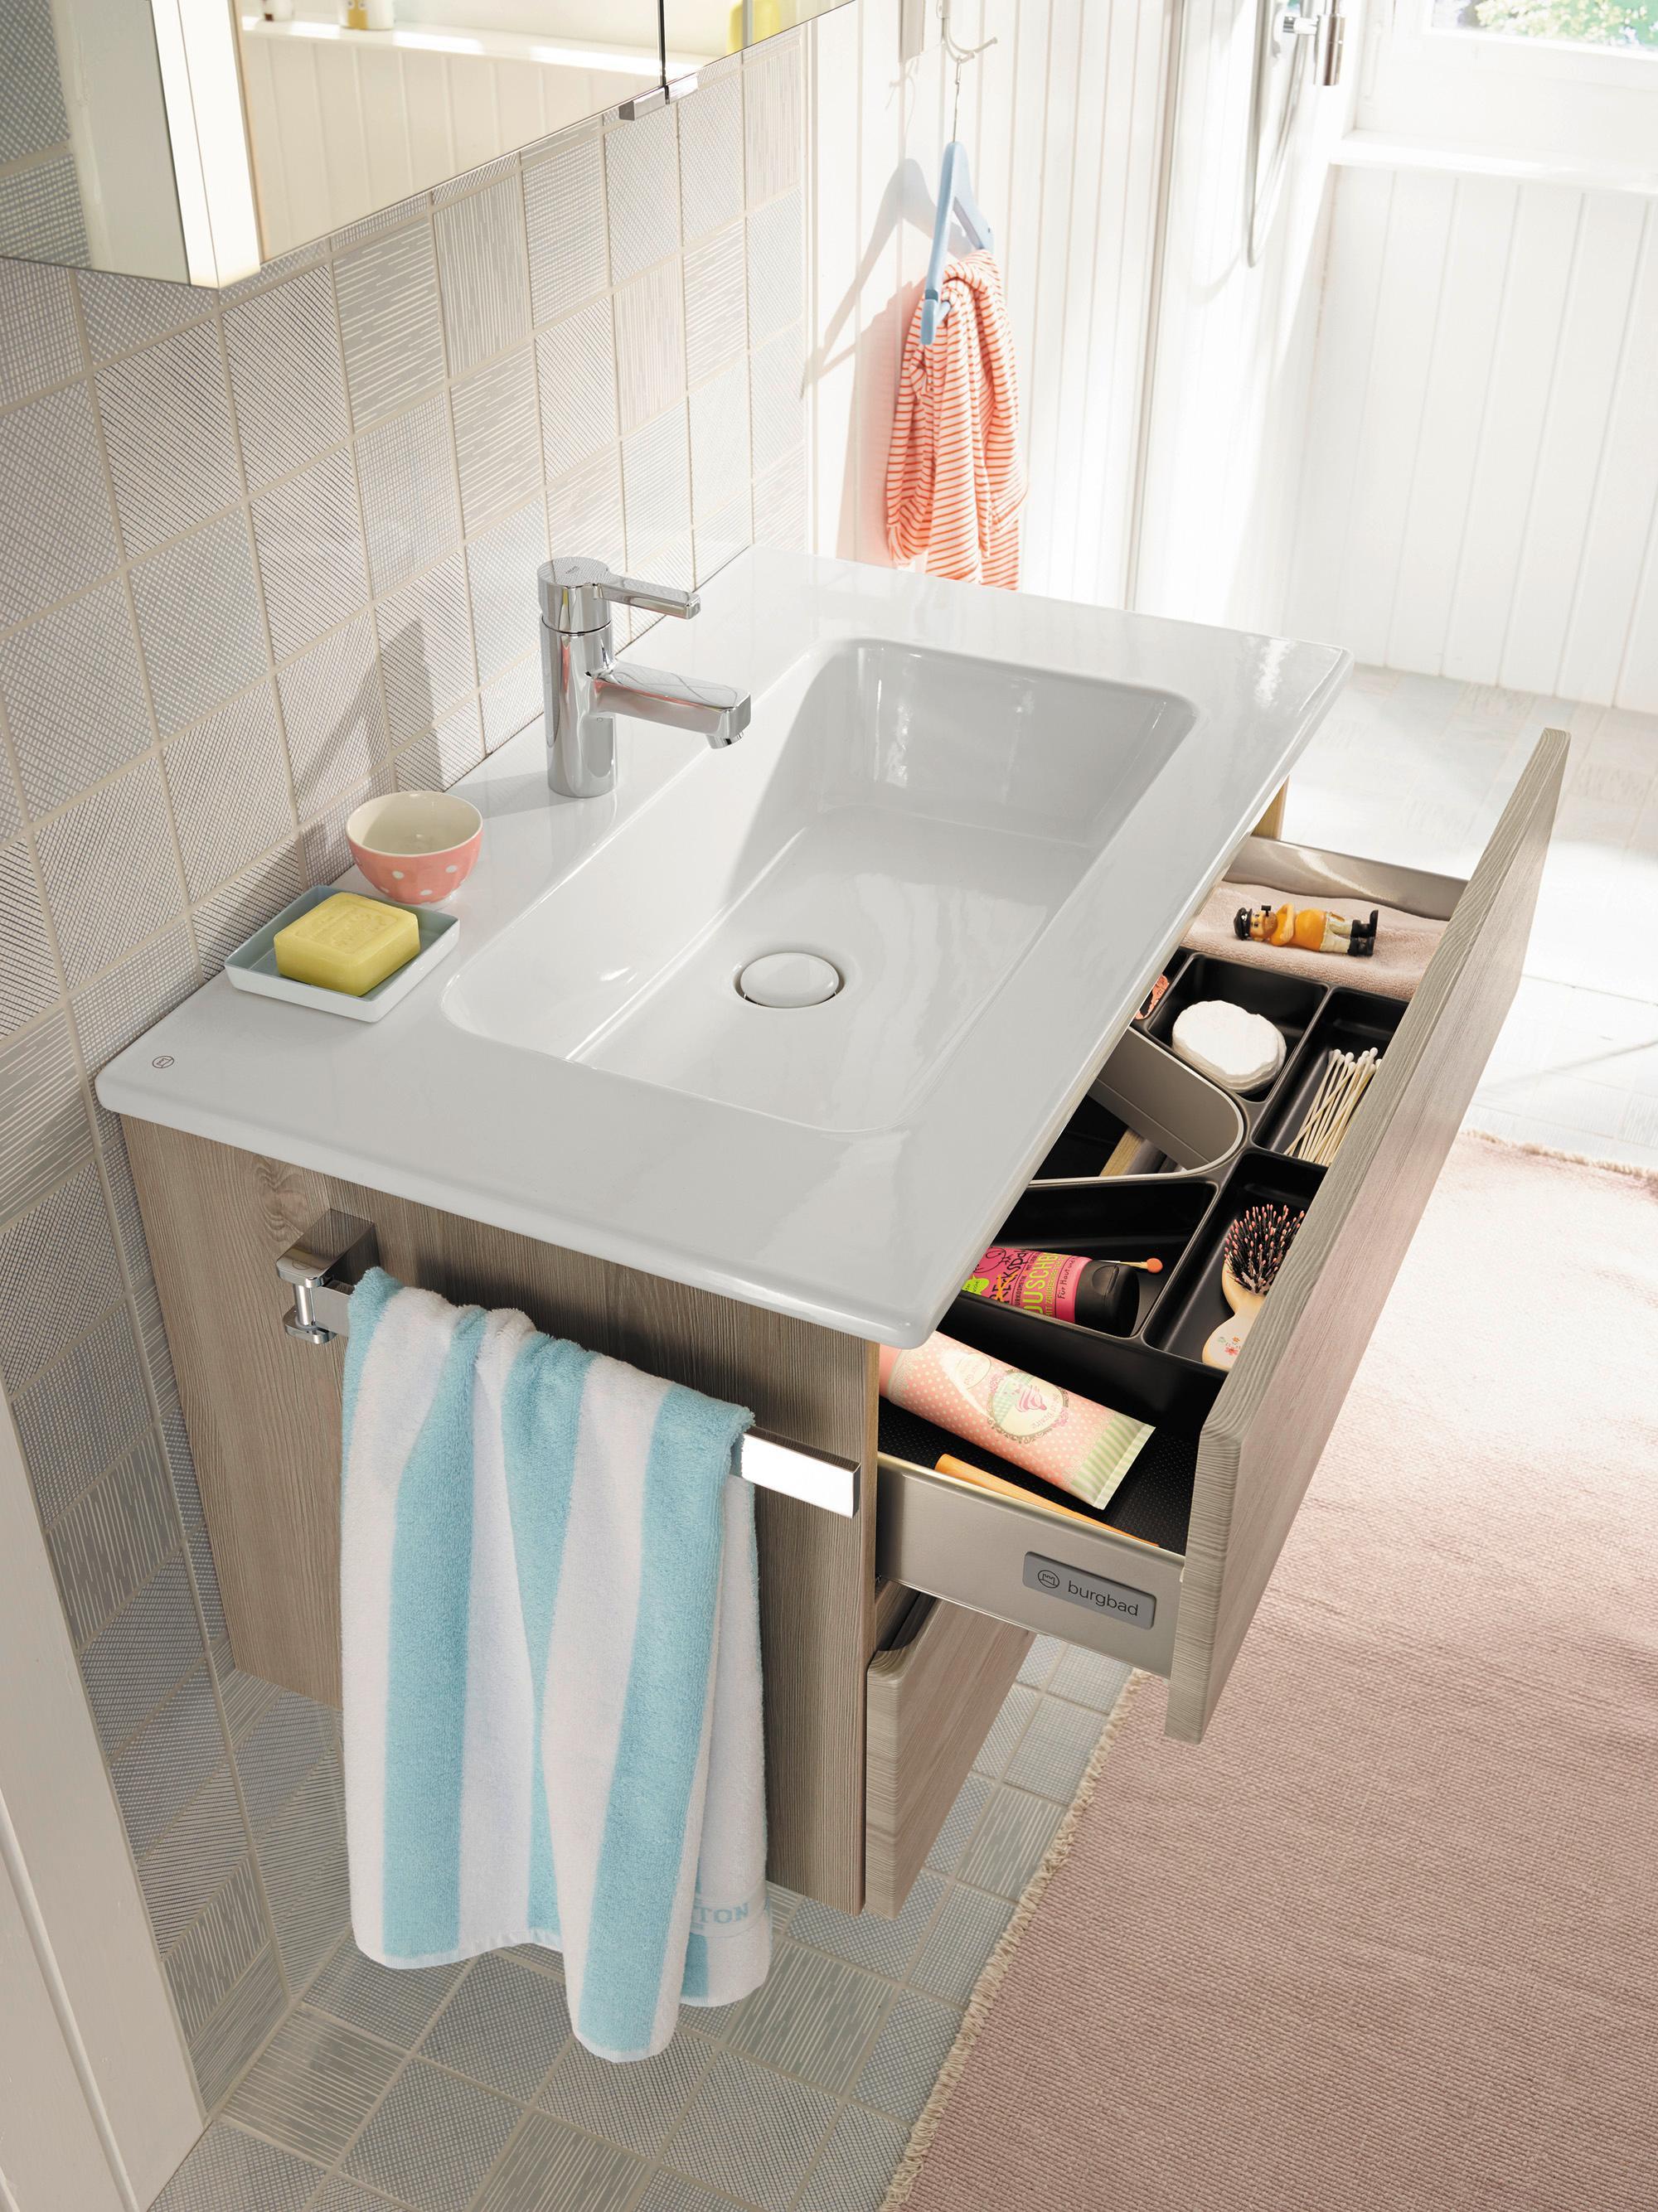 Waschbecken bad prisma waschbecken freistehend dreieck for Bad waschbecken design